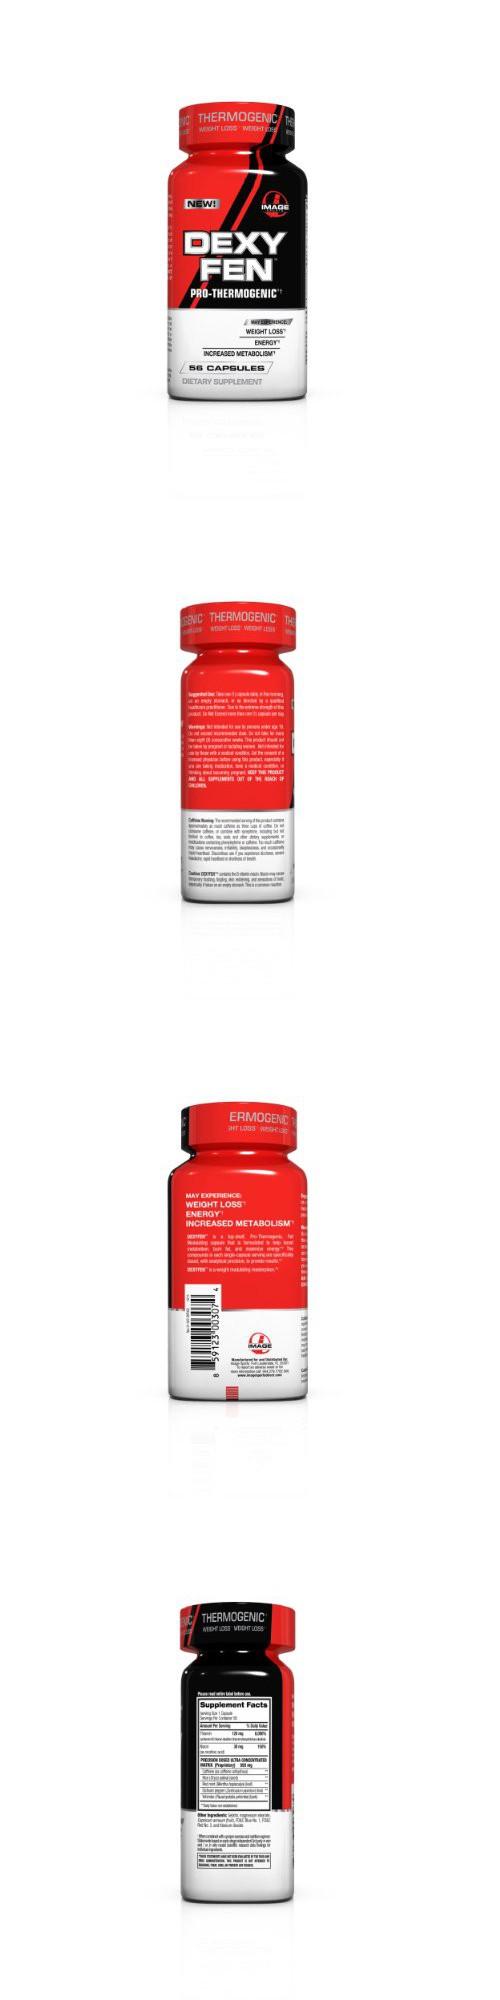 Rednatura Produkte zur Gewichtsreduktion